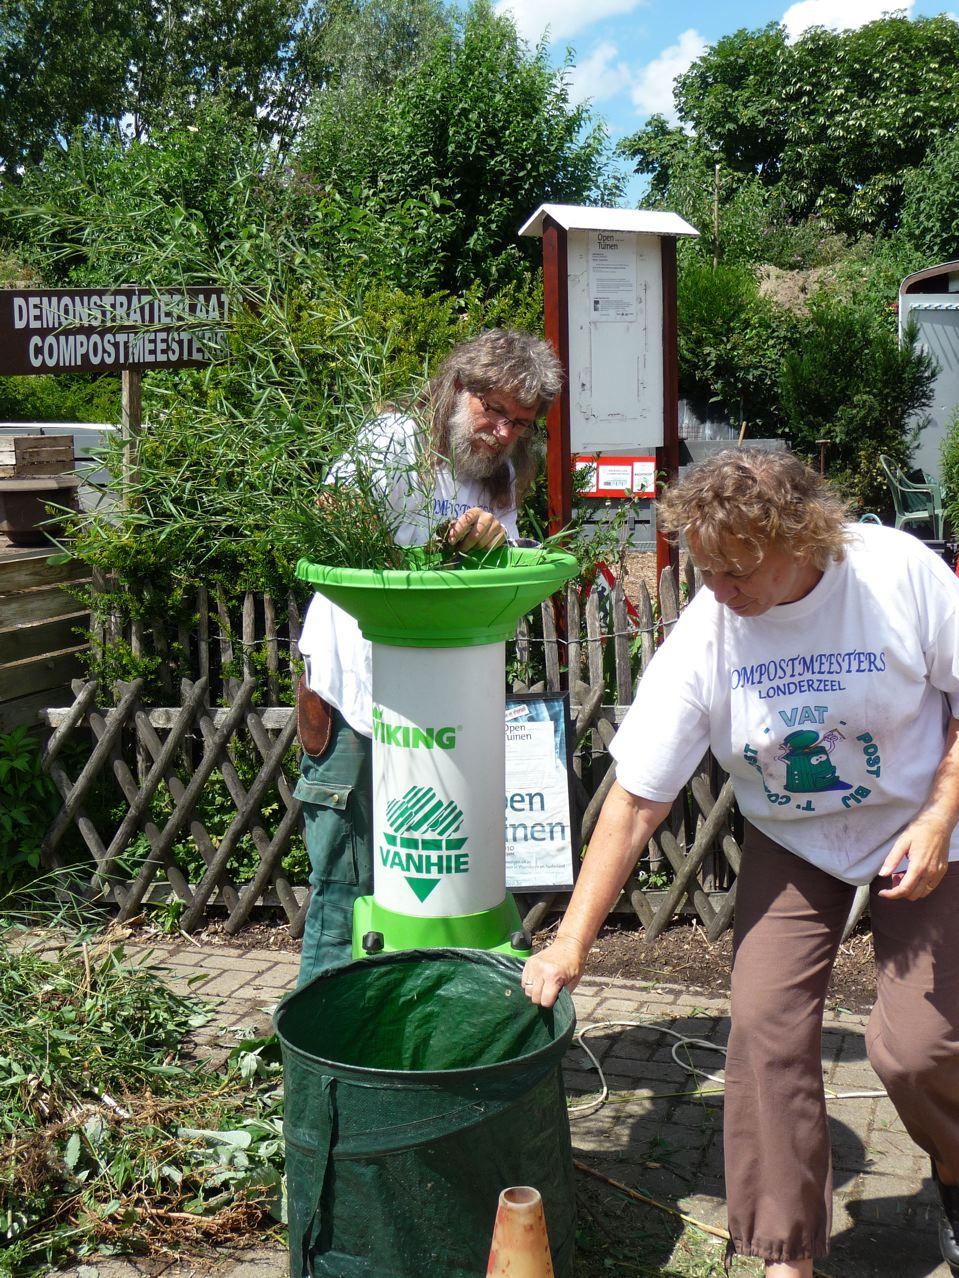 Démonstration des maîtres composteurs de Londerzeel dans le parc à conteneurs